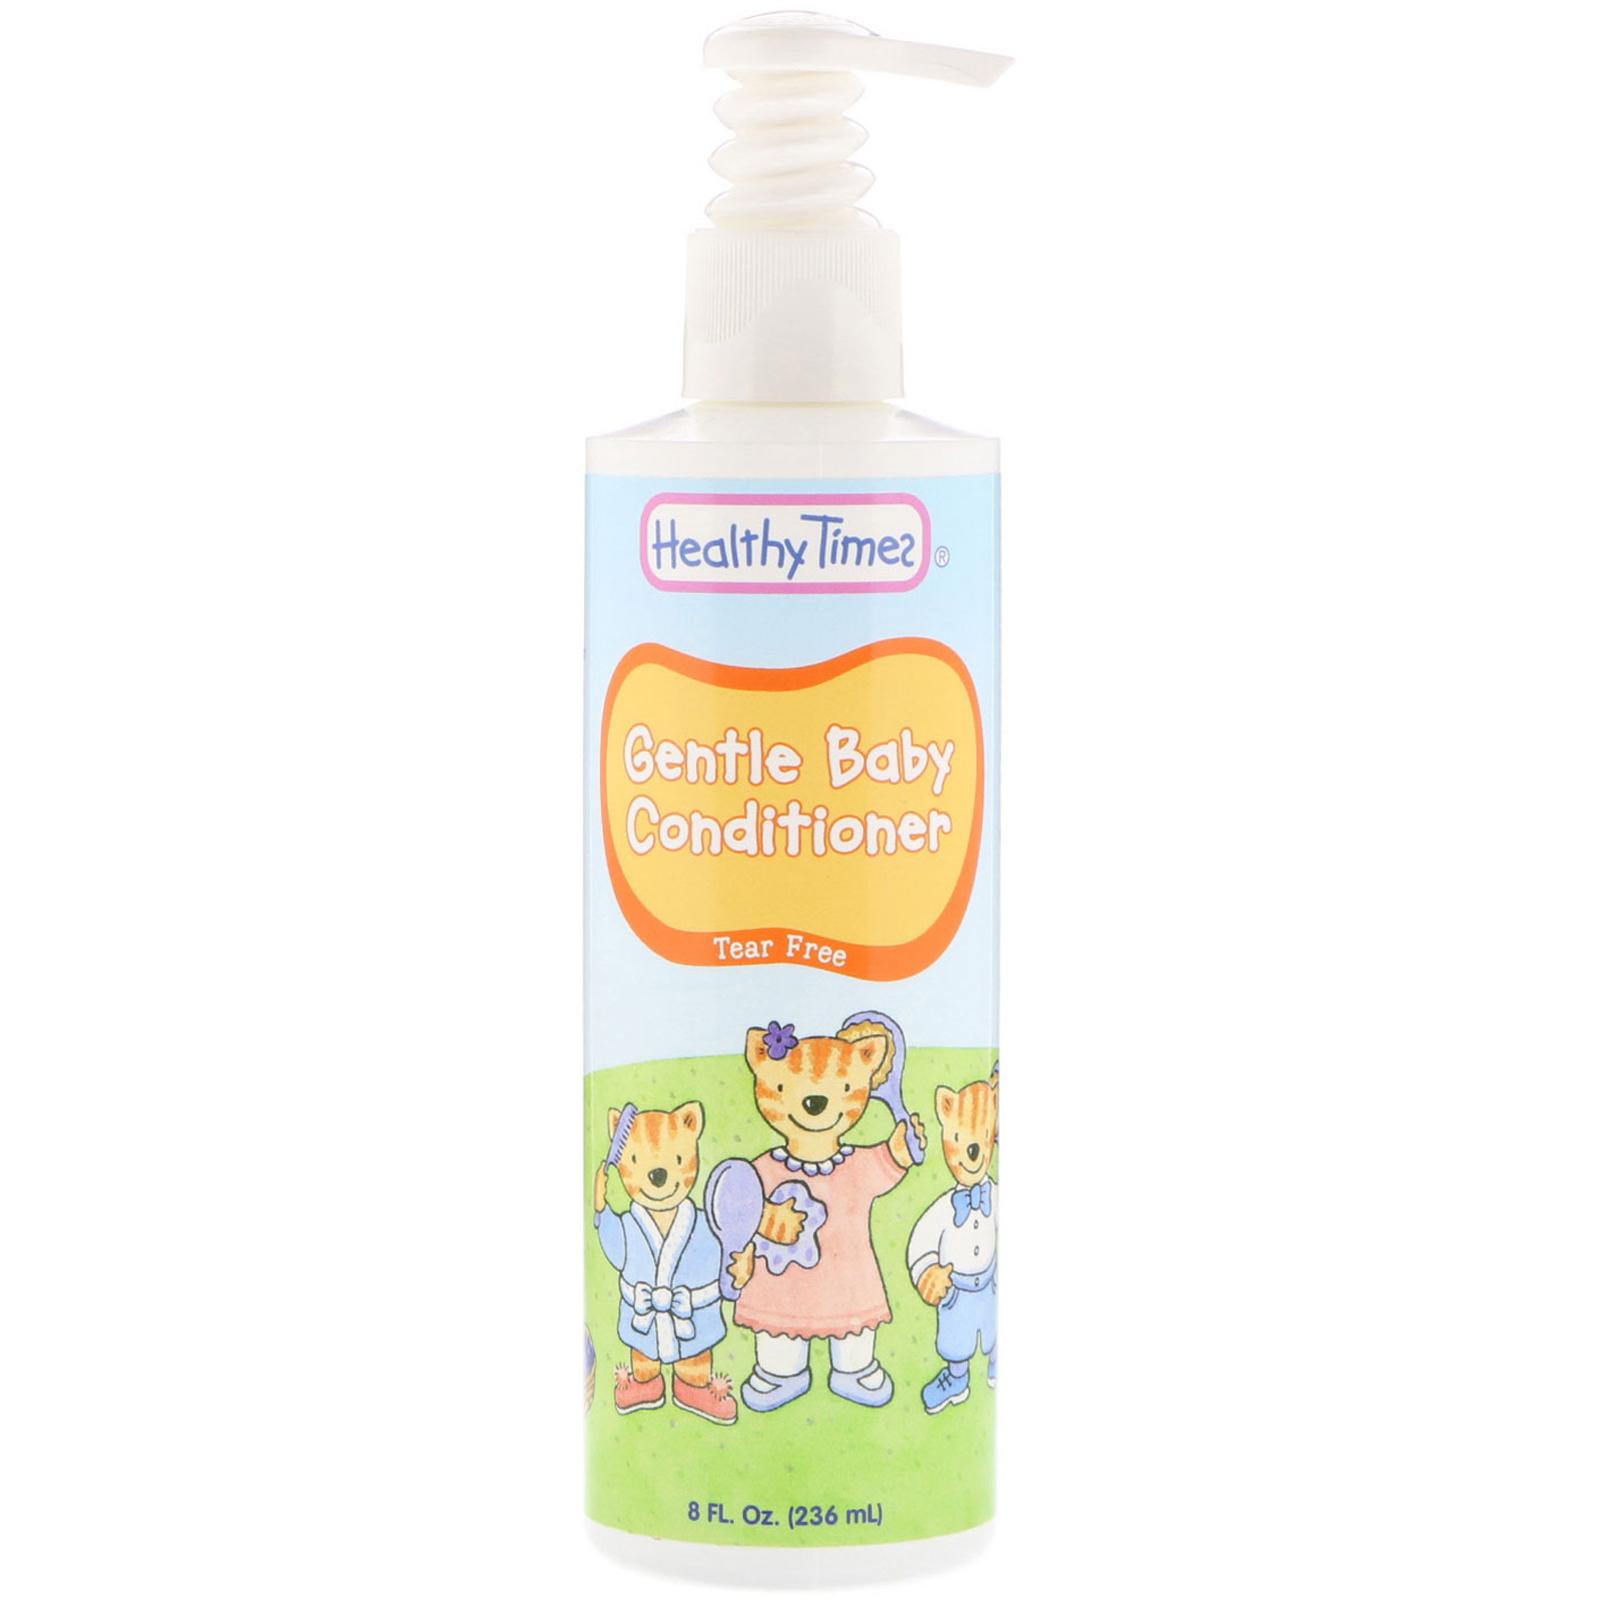 Healthy Times Gentle Baby Conditioner Tear Free 8 Fl Oz 236 Ml Pure Wash 2in1 Freshy 230ml